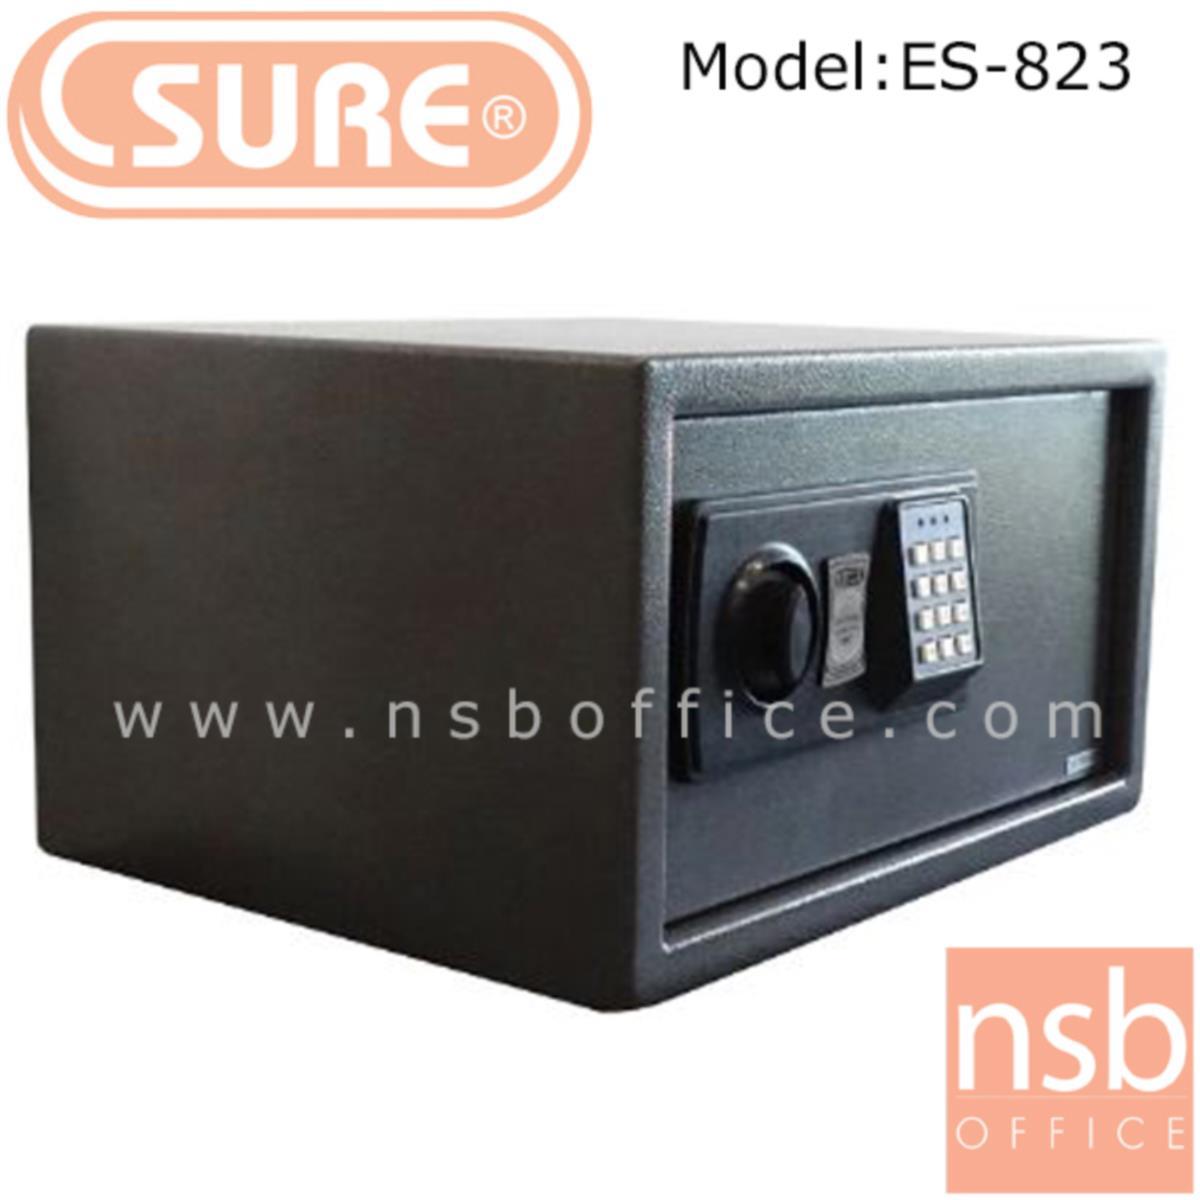 ตู้เซฟดิจตอล SR-ES823 น้ำหนัก 9.5 กก. (1 รหัสกด / ปุ่มหมุนบิด)